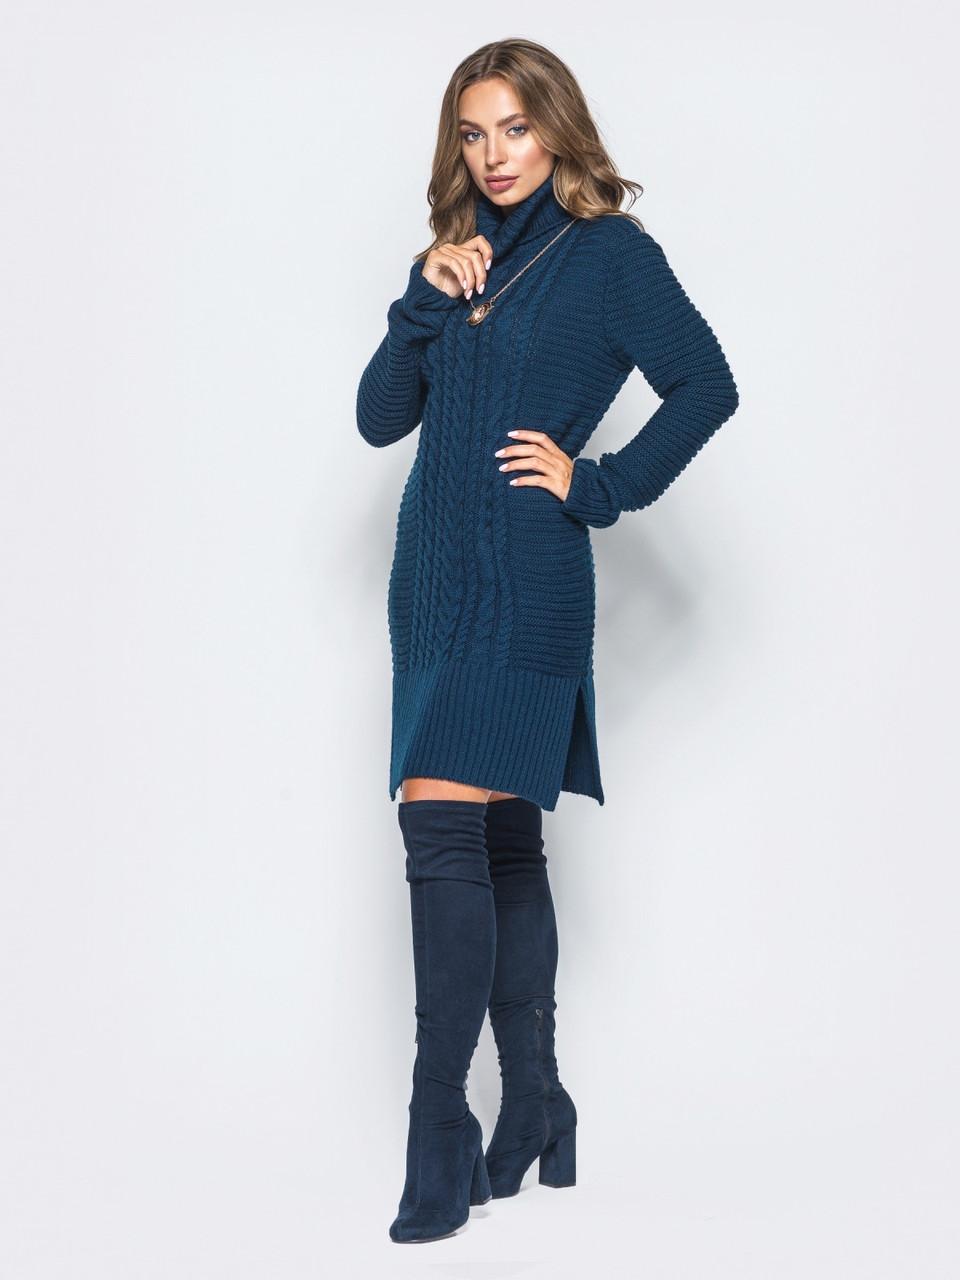 Вязаное теплое платье 46-48 размер 5цветов